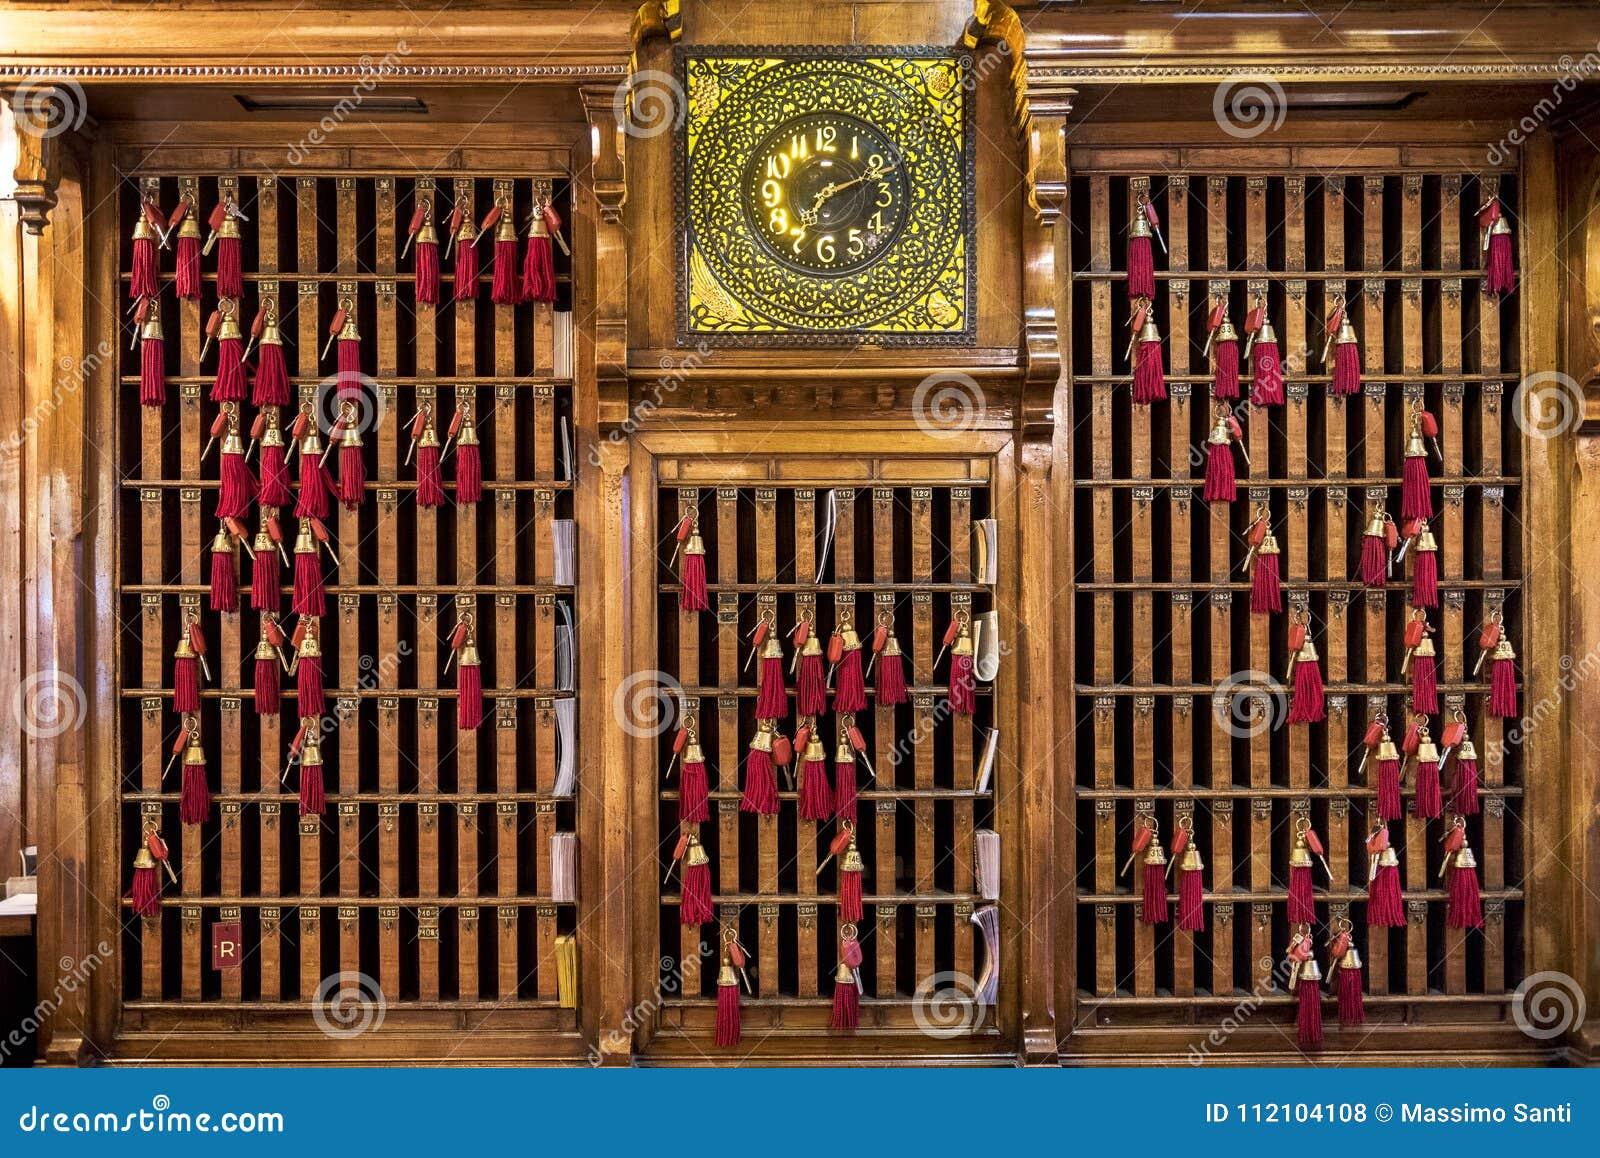 ΒΕΝΕΤΙΑ †«ΙΤΑΛΊΑ 6 Απριλίου 2017: Βασικό δαχτυλίδι του γραφείου υποδοχής με τα κλειδιά και τους κόκκινους θυσάνους